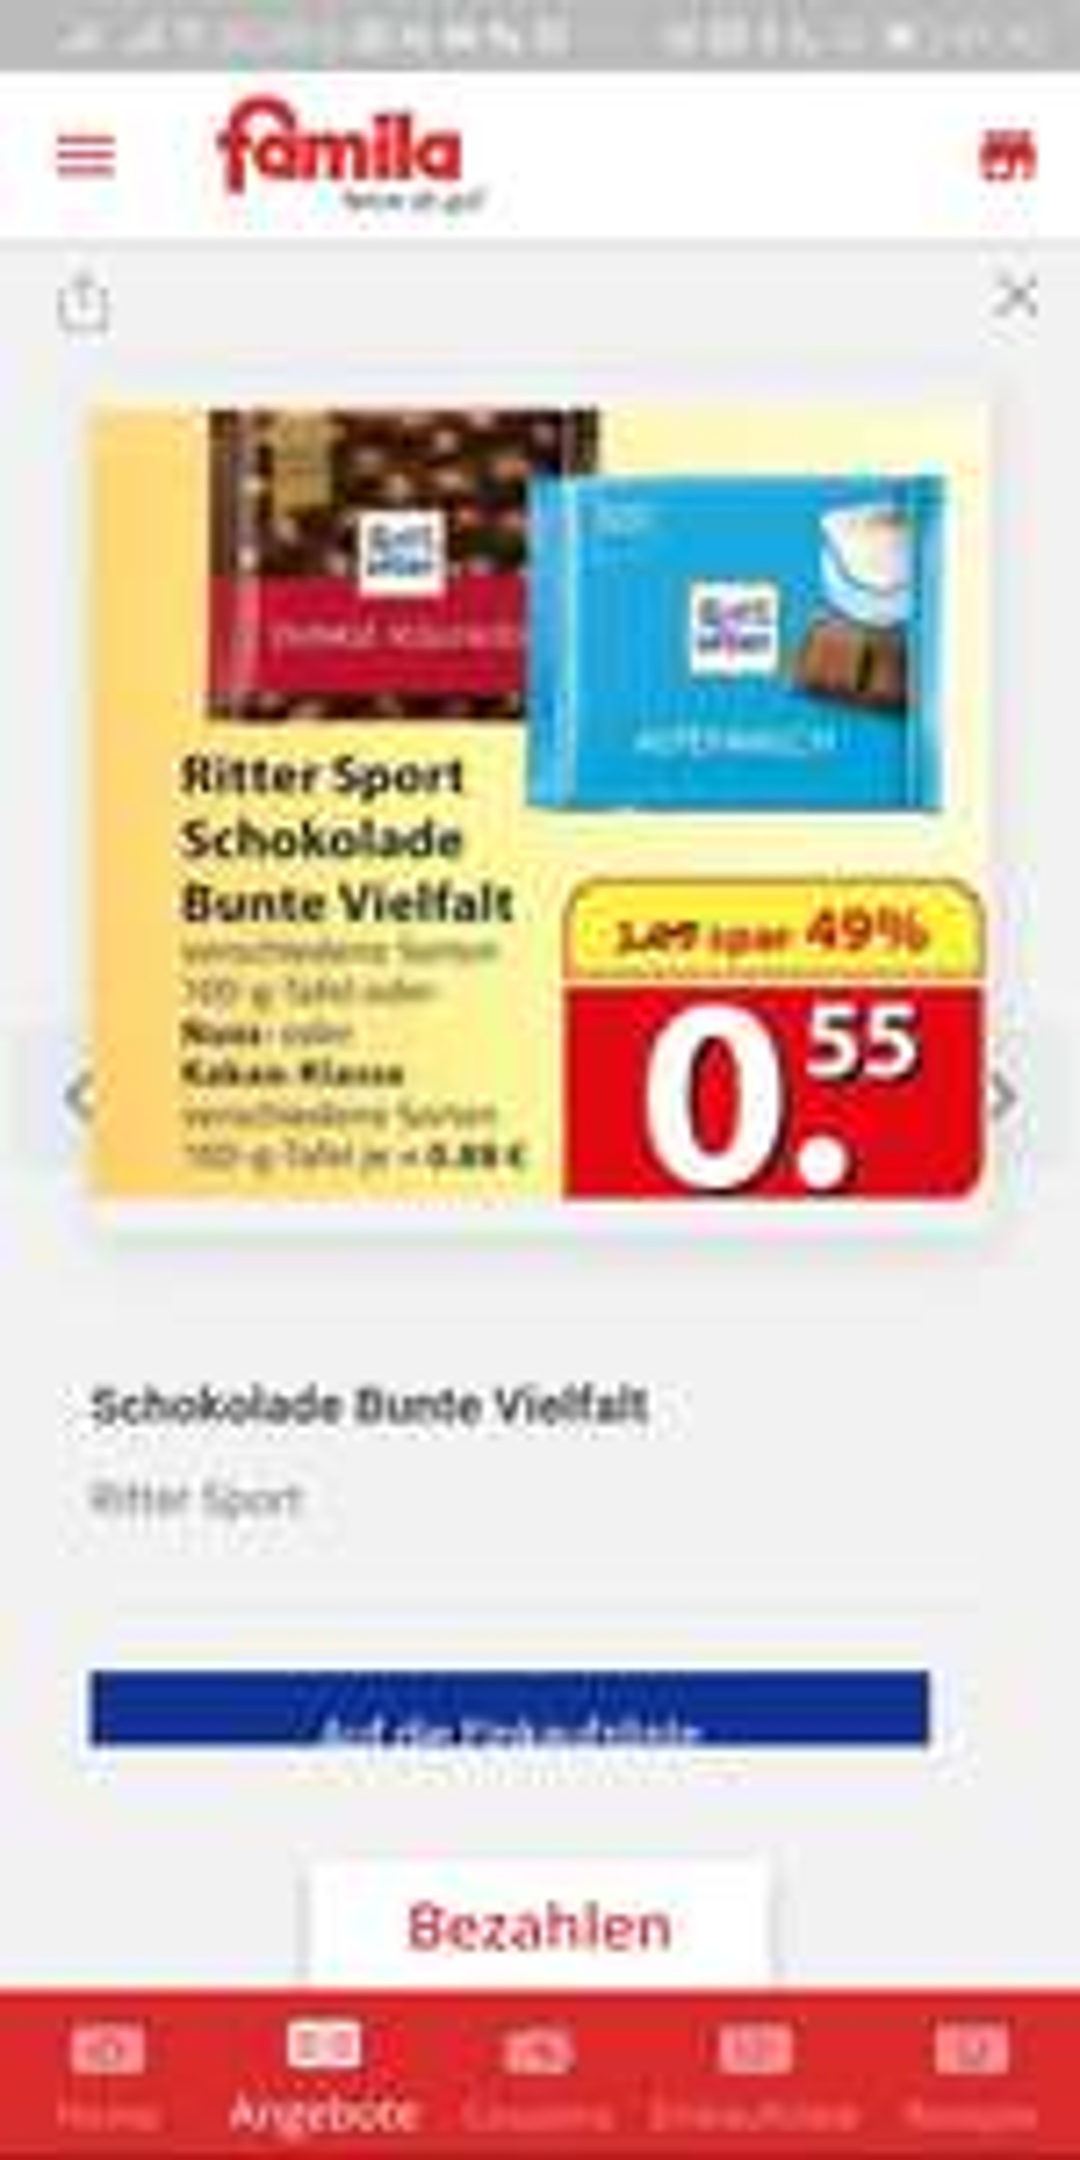 [Lokal] Celle: Ritter Sport Bunte Vielfalt für 55 Cent / Nussklasse 88 Cent